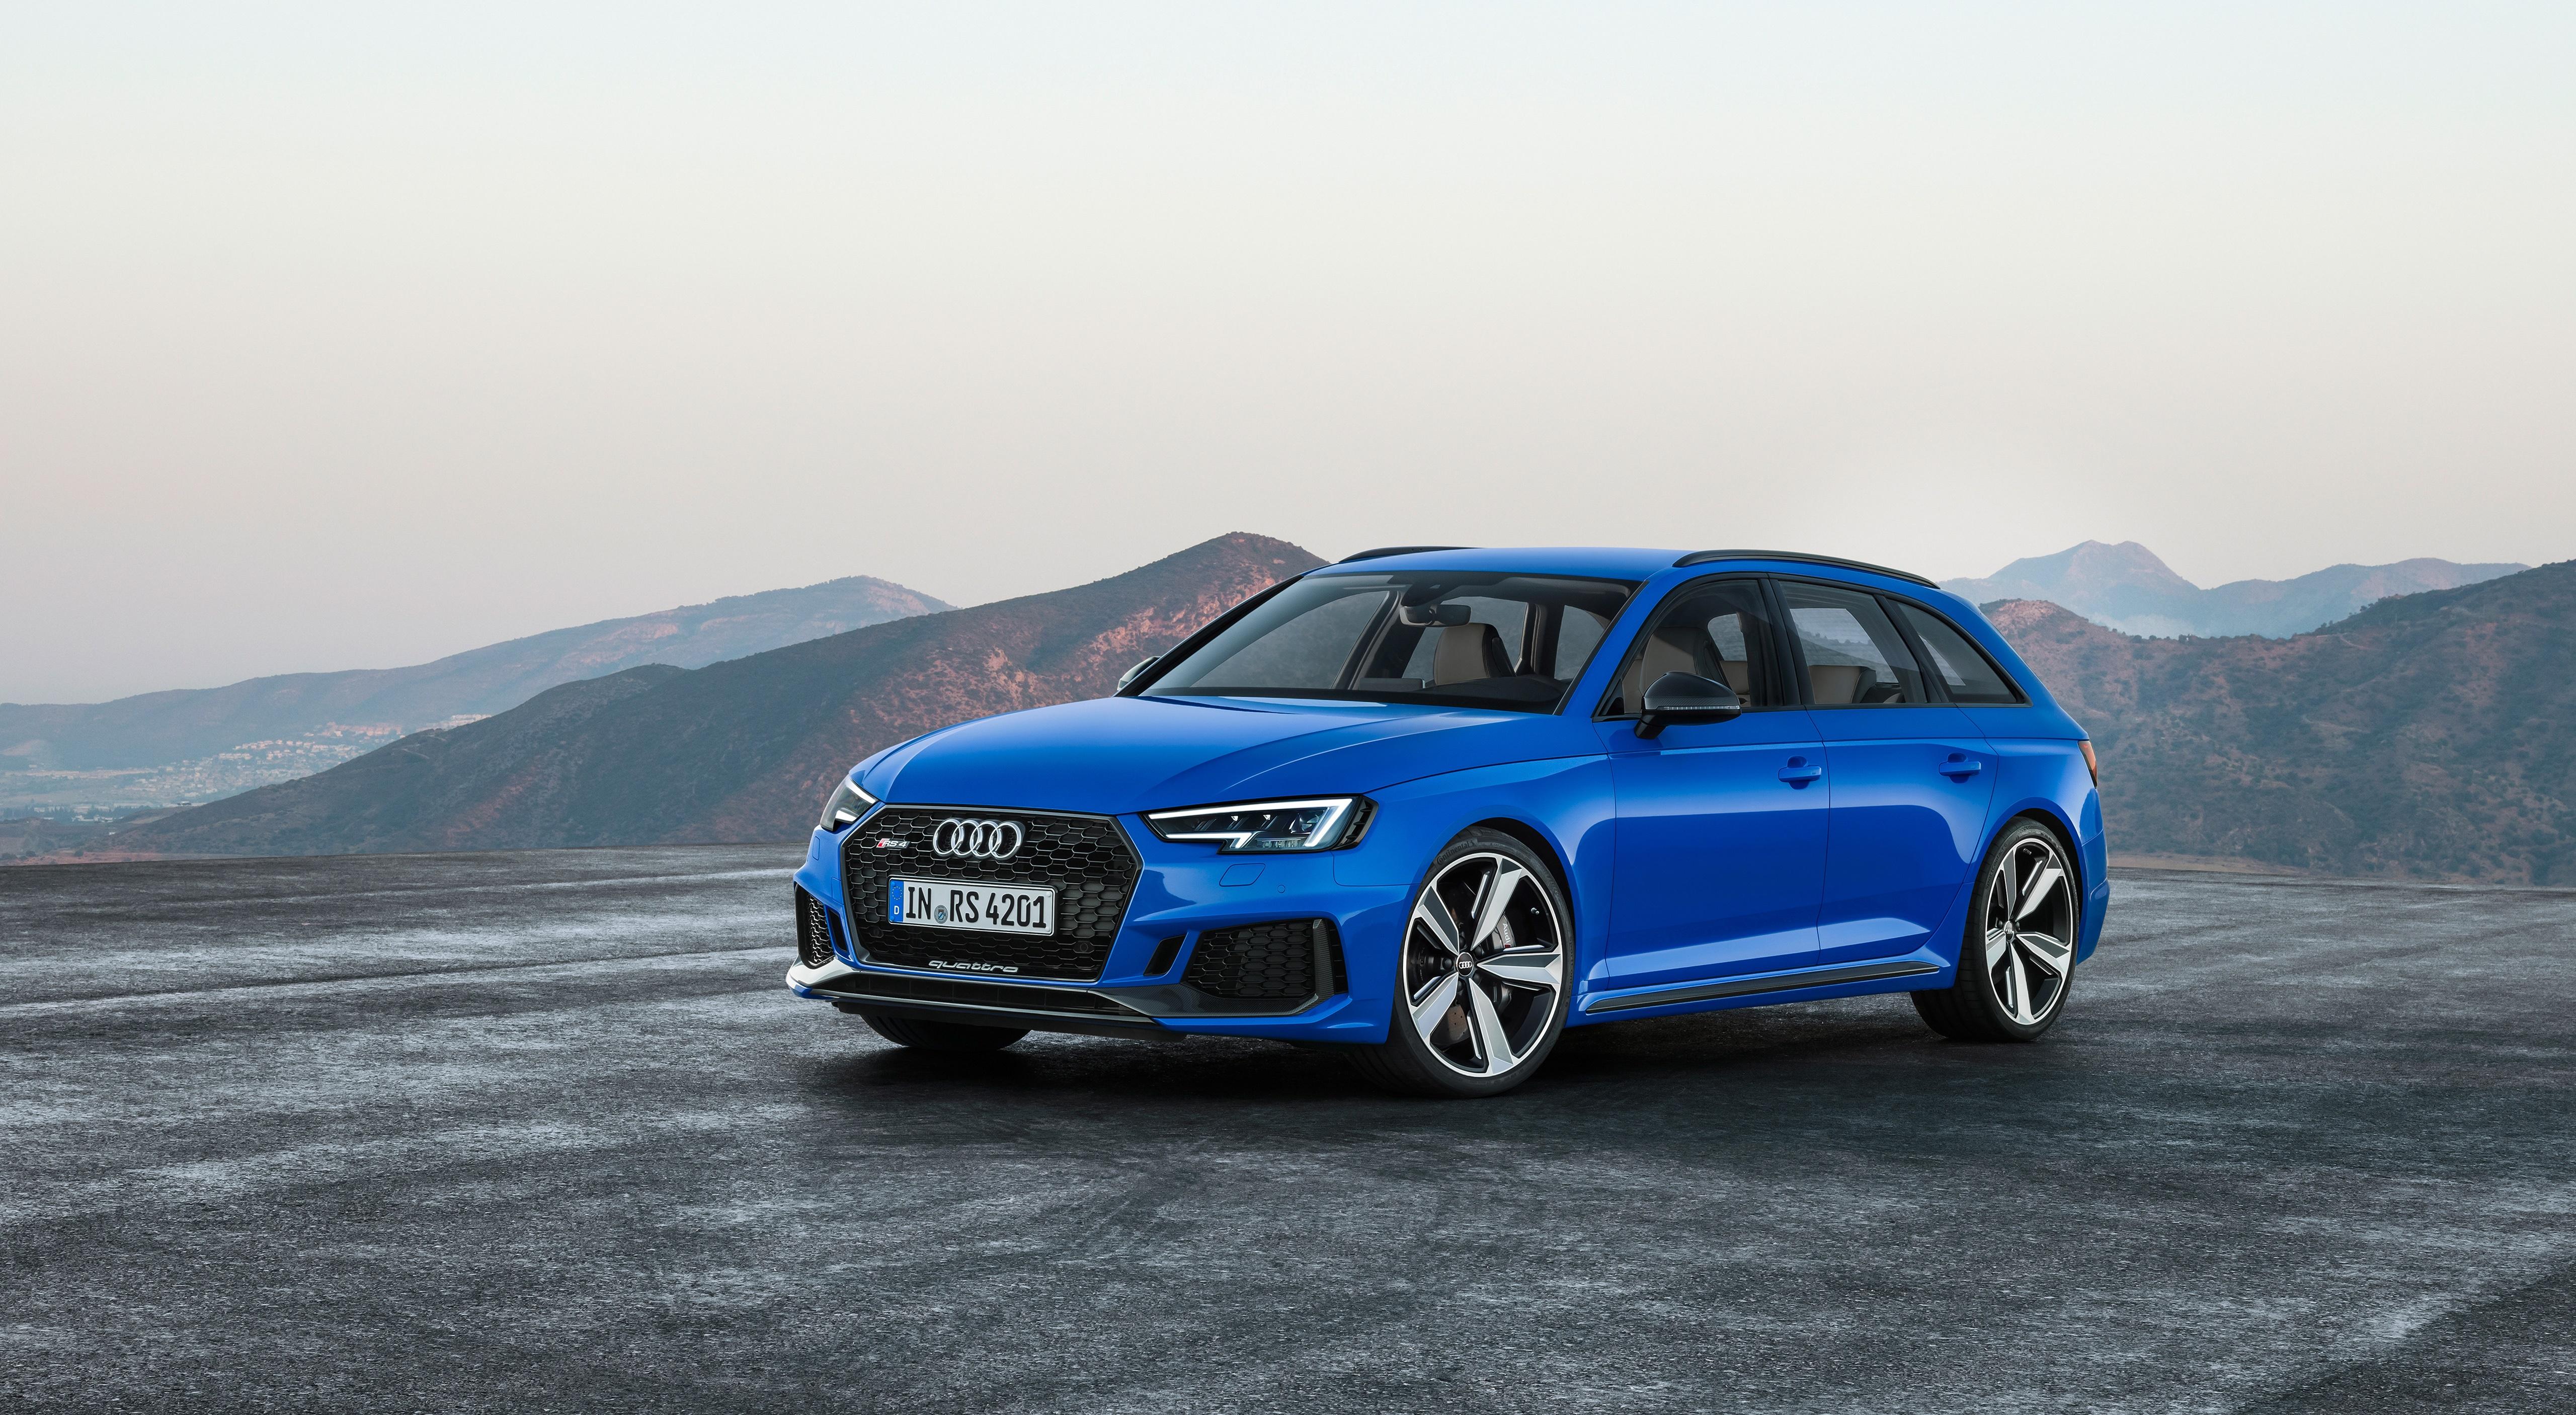 Обои для рабочего стола Ауди Универсал RS4, Avant, 2017 Синий авто Асфальт 5120x2812 Audi синяя синие синих машины машина асфальта Автомобили автомобиль